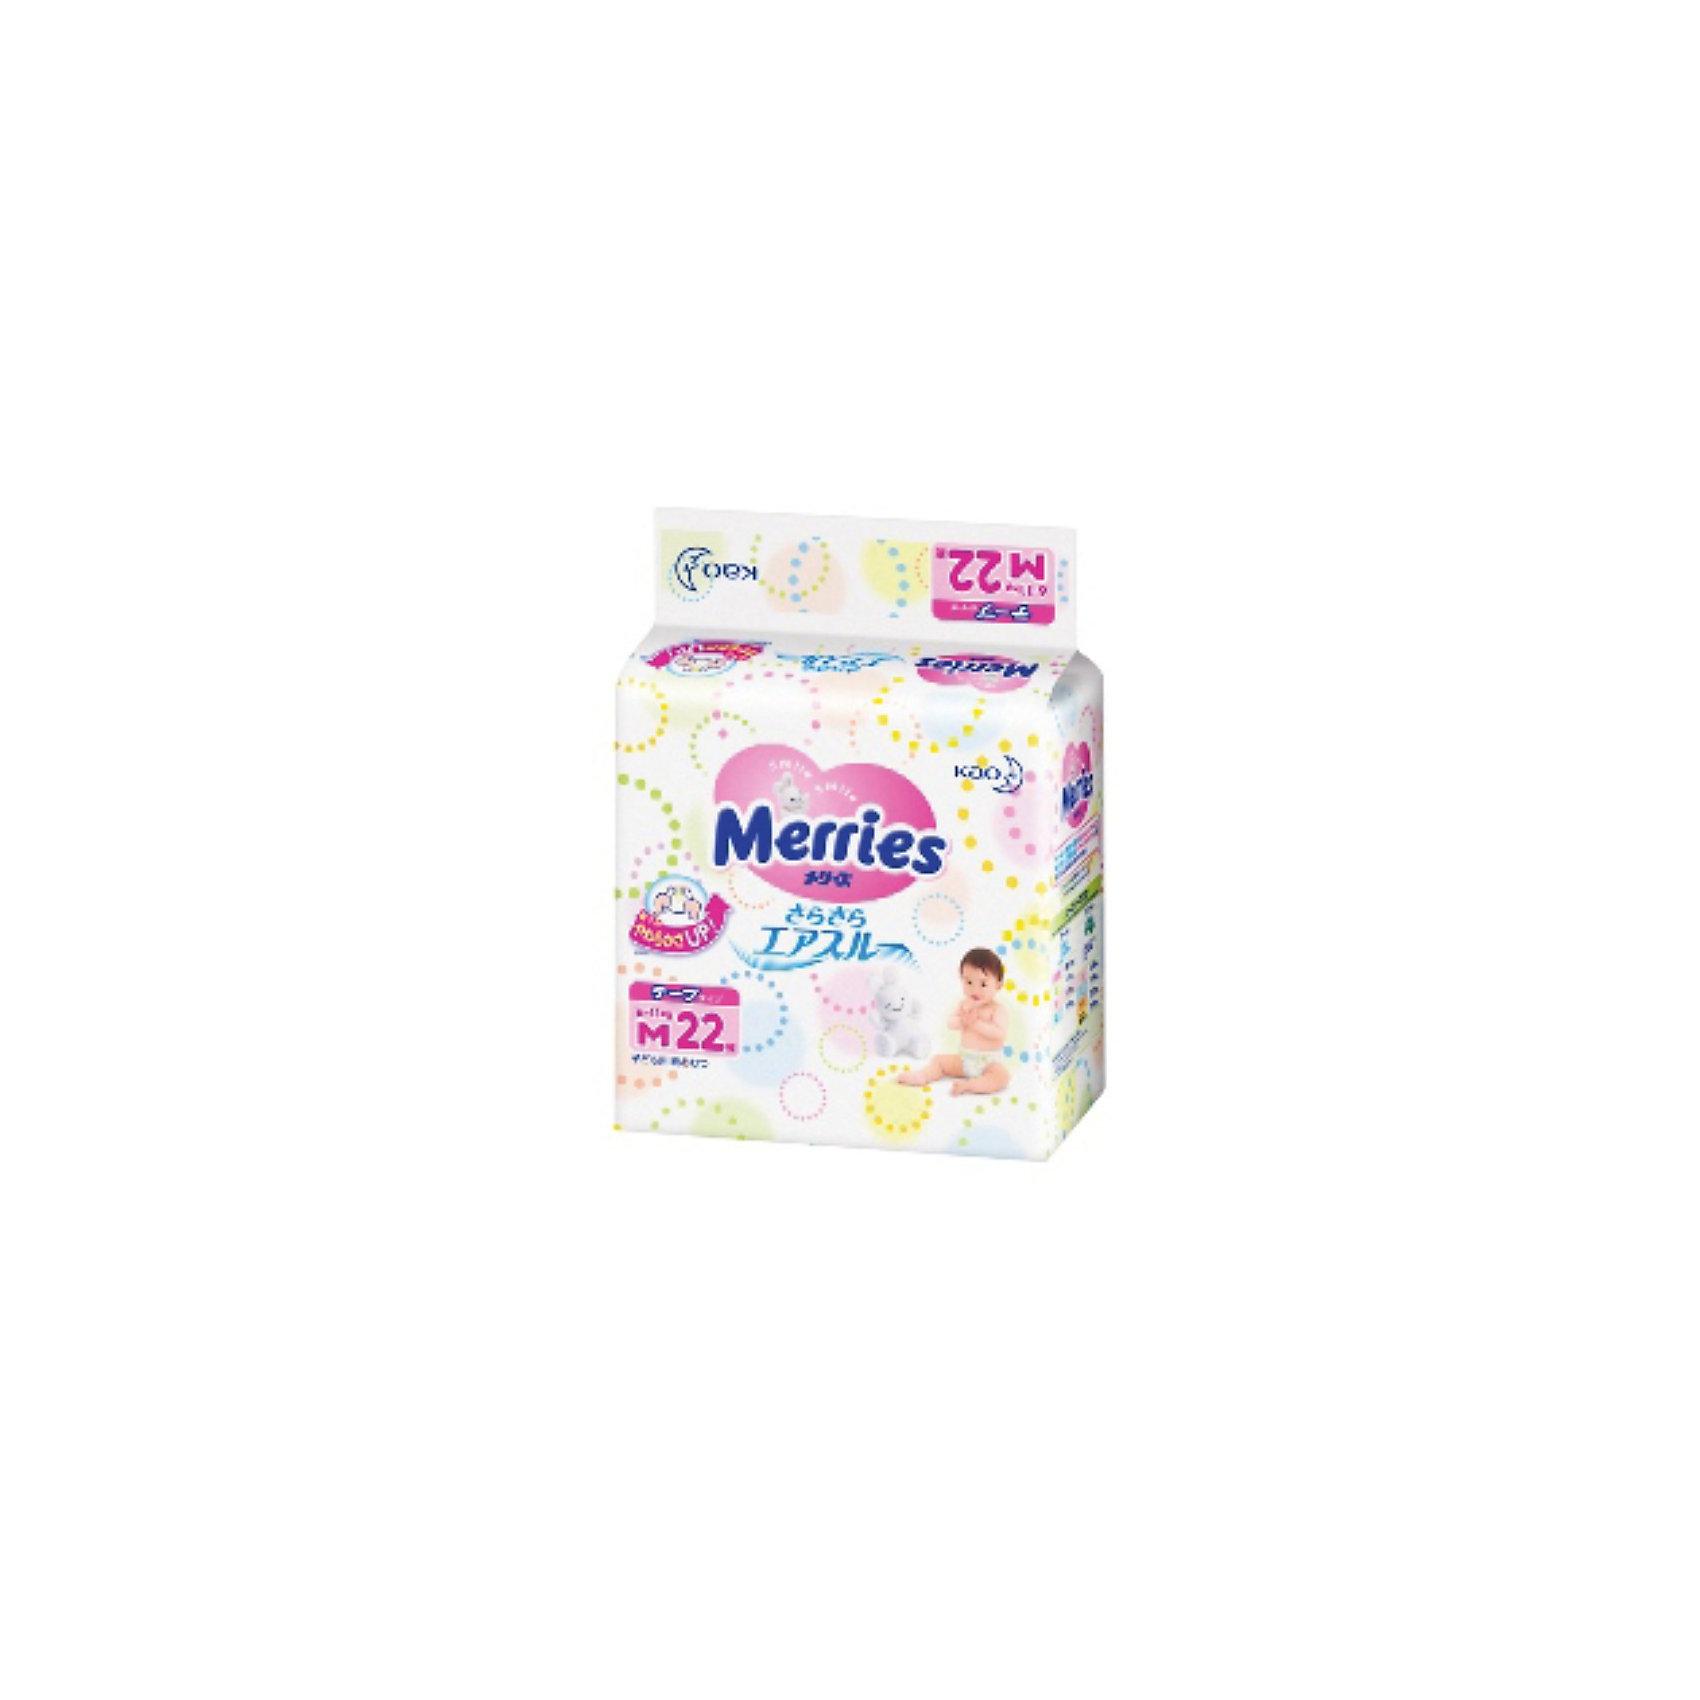 Подгузники для детей Merries, M 6-11 кг, 22 шт.Подгузники Merries отличаются превосходной впитываемостью, мягкостью и отменной воздухопроницаемостью.<br><br>Весь подгузник покрыт мельчайшими порами, позволяющими мокрому пару выходить наружу, а благодаря внутреннему пористому слою, пропускающему в 3 раза больше воздуха, подгузник не прилипает к нежной коже ребёнка и хорошо удерживает жидкий стул, защищая кожу от раздражений. <br><br>Дополнительная информация:<br><br>• Многоразовые цветные липучки застёгиваются лёгким нажатием <br>• Мягкие резинки вдоль пояса легко растягиваются. Благодаря воздухопроницаемому материалу Вашему малышу сухо и приятно.<br>• Зона между ножек меняет форму в соответсвии с движениями малыша и мягко прилегает. Когда малыш ползает, подгузник не мешает движениям ножек.<br>• Три центральные полоски индикатора, окрашиваясь в синий цвет, показывают, что пора сменить подгузник (В условиях высокой влажности цвет индикатора может измениться еще до использования, однако это не влияет на надежность подгузника и его функции.)<br>• Симпатичный печатный рисунок украшает поверхность подгузника (4 вида рисунка. В одной упаковке один вид рисунка.)<br>• Подгузники Merries тонкие, но могут впитывать большой объем жидкости (удобно брать с собой в дорогу).<br><br>Размер: M, для малышей от 6 до 11 кг.<br>В упаковке: 22 шт.<br><br>Подгузники на липучках Merries были выбраны в Японии подгузниками №1!<br><br>Мягкие дышащие подгузники Merries позаботятся о Вашем малыше!<br><br>Ширина мм: 270<br>Глубина мм: 470<br>Высота мм: 430<br>Вес г: 750<br>Возраст от месяцев: 0<br>Возраст до месяцев: 12<br>Пол: Унисекс<br>Возраст: Детский<br>SKU: 3295626